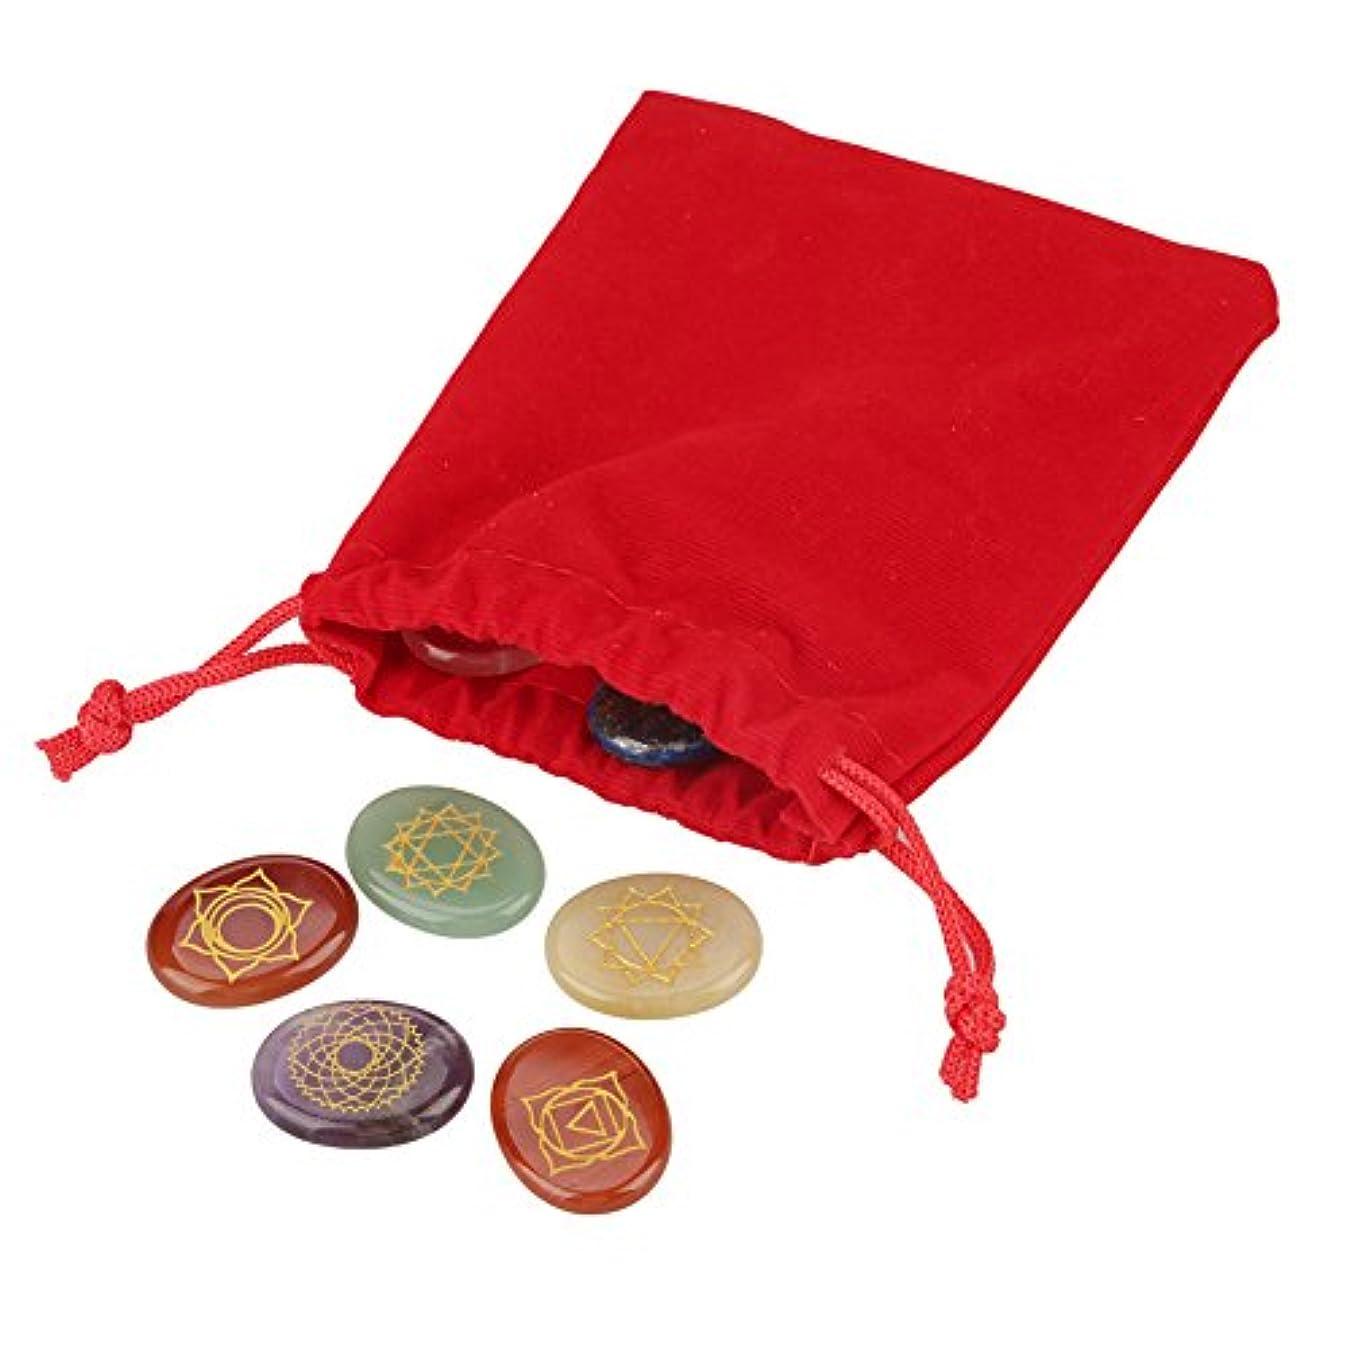 南アメリカマージ記念日7個/セット刻印チャクラストーンとフランネルバッグ(黒または赤)、刻印スピリチュアルヒーリング瞑想パームストーンレイキチャクラクリスタル